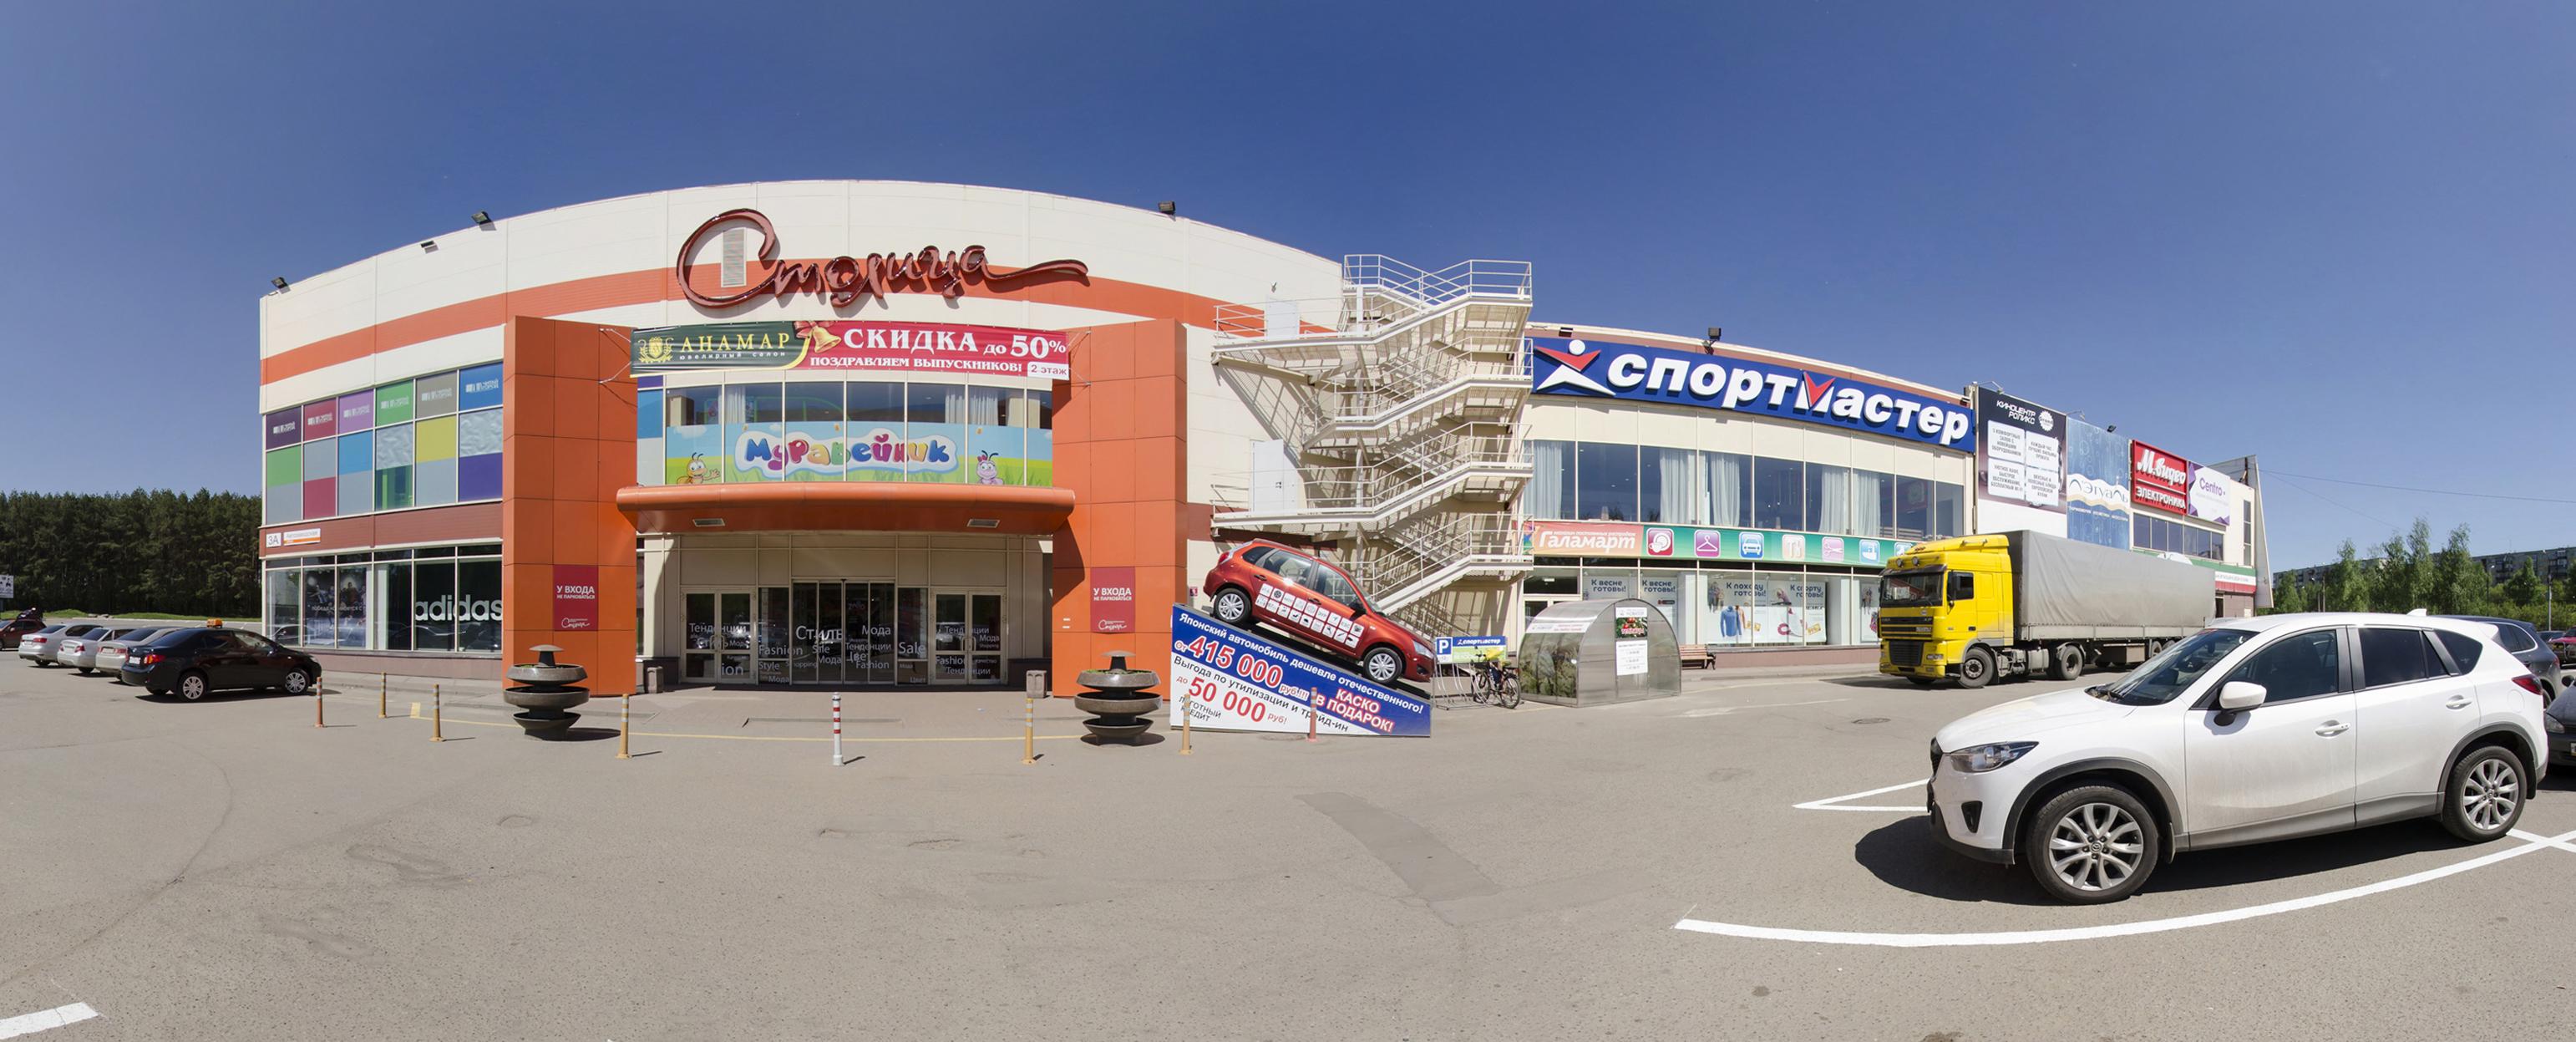 Столица, торгово-развлекательный комплекс